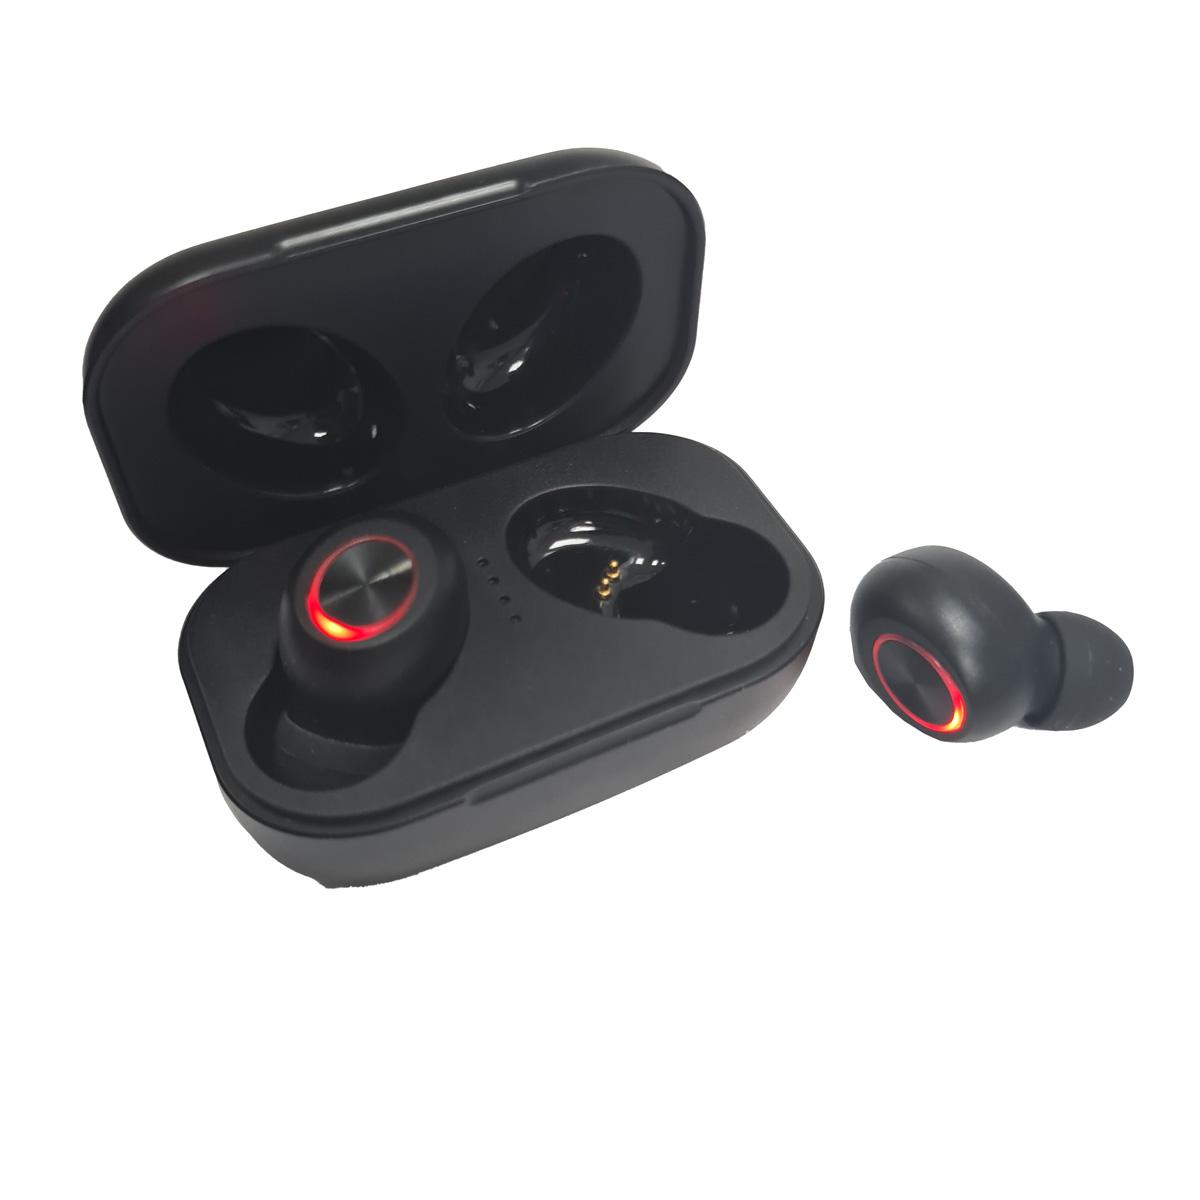 Fone de Ouvido Sem Fio Wireless Bluetooth Preto FON-8615 Inova